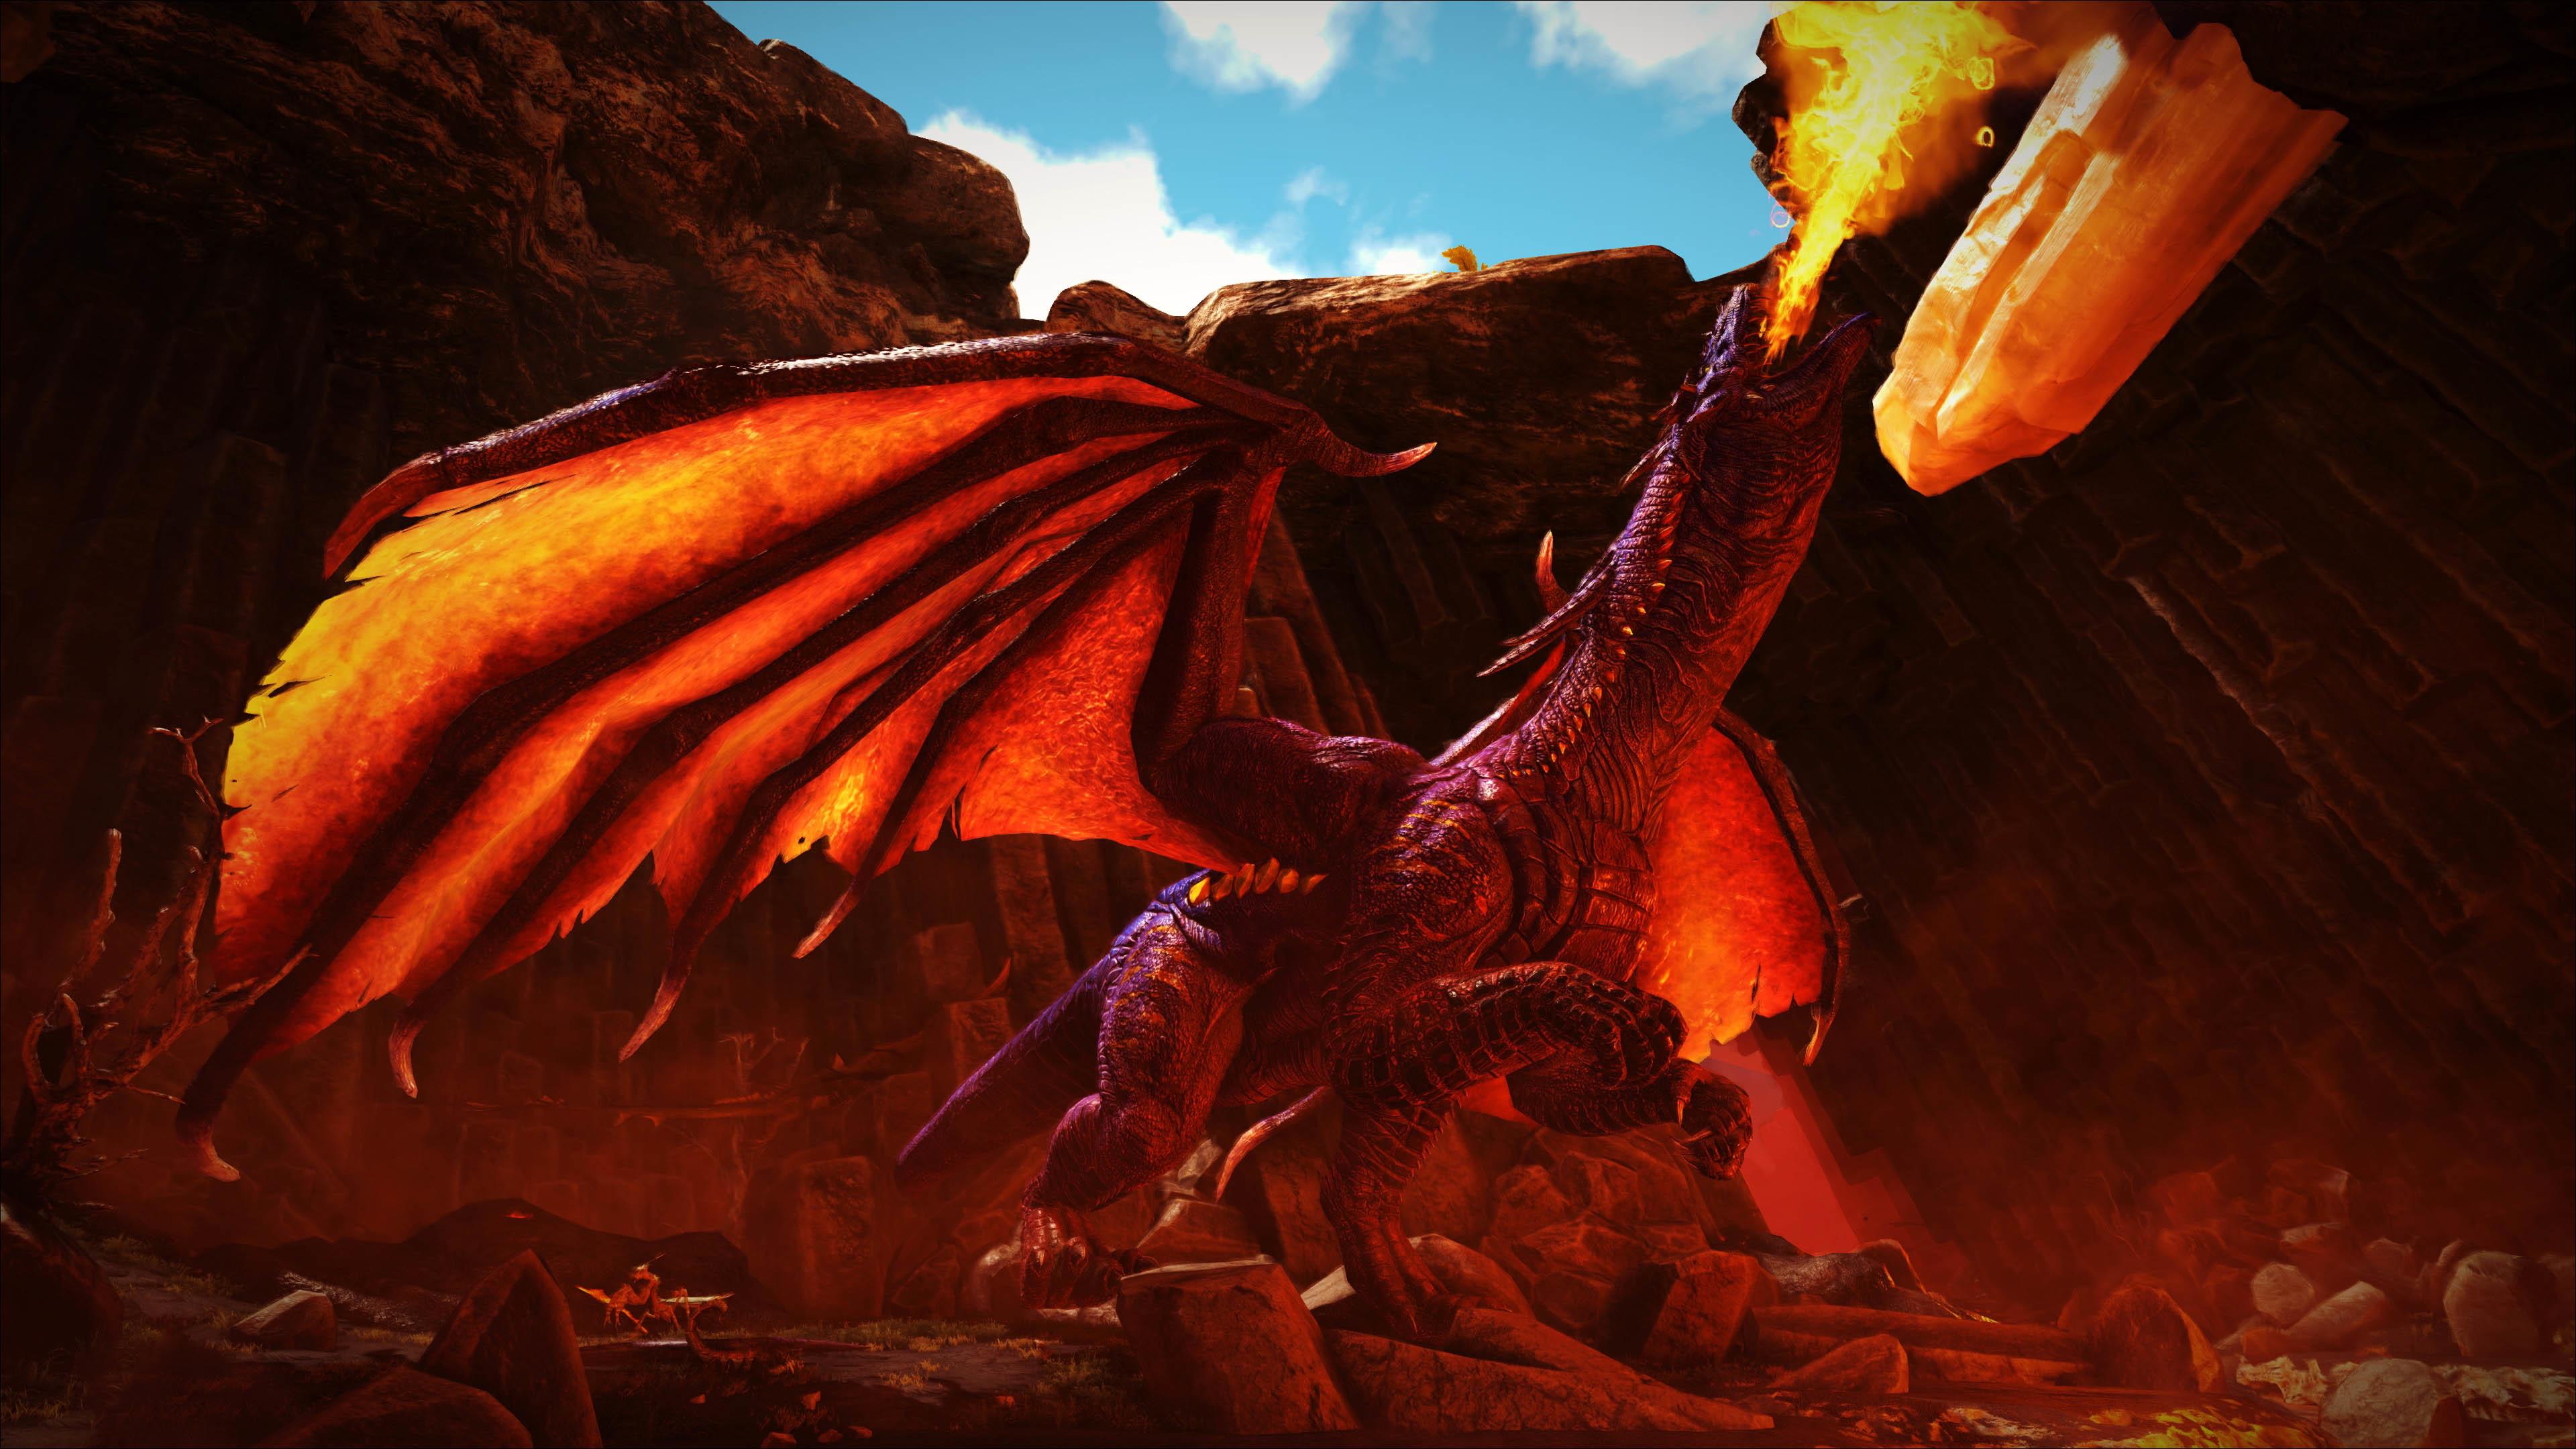 Dragon Boss – ARK: Survival Evolved wallpaper